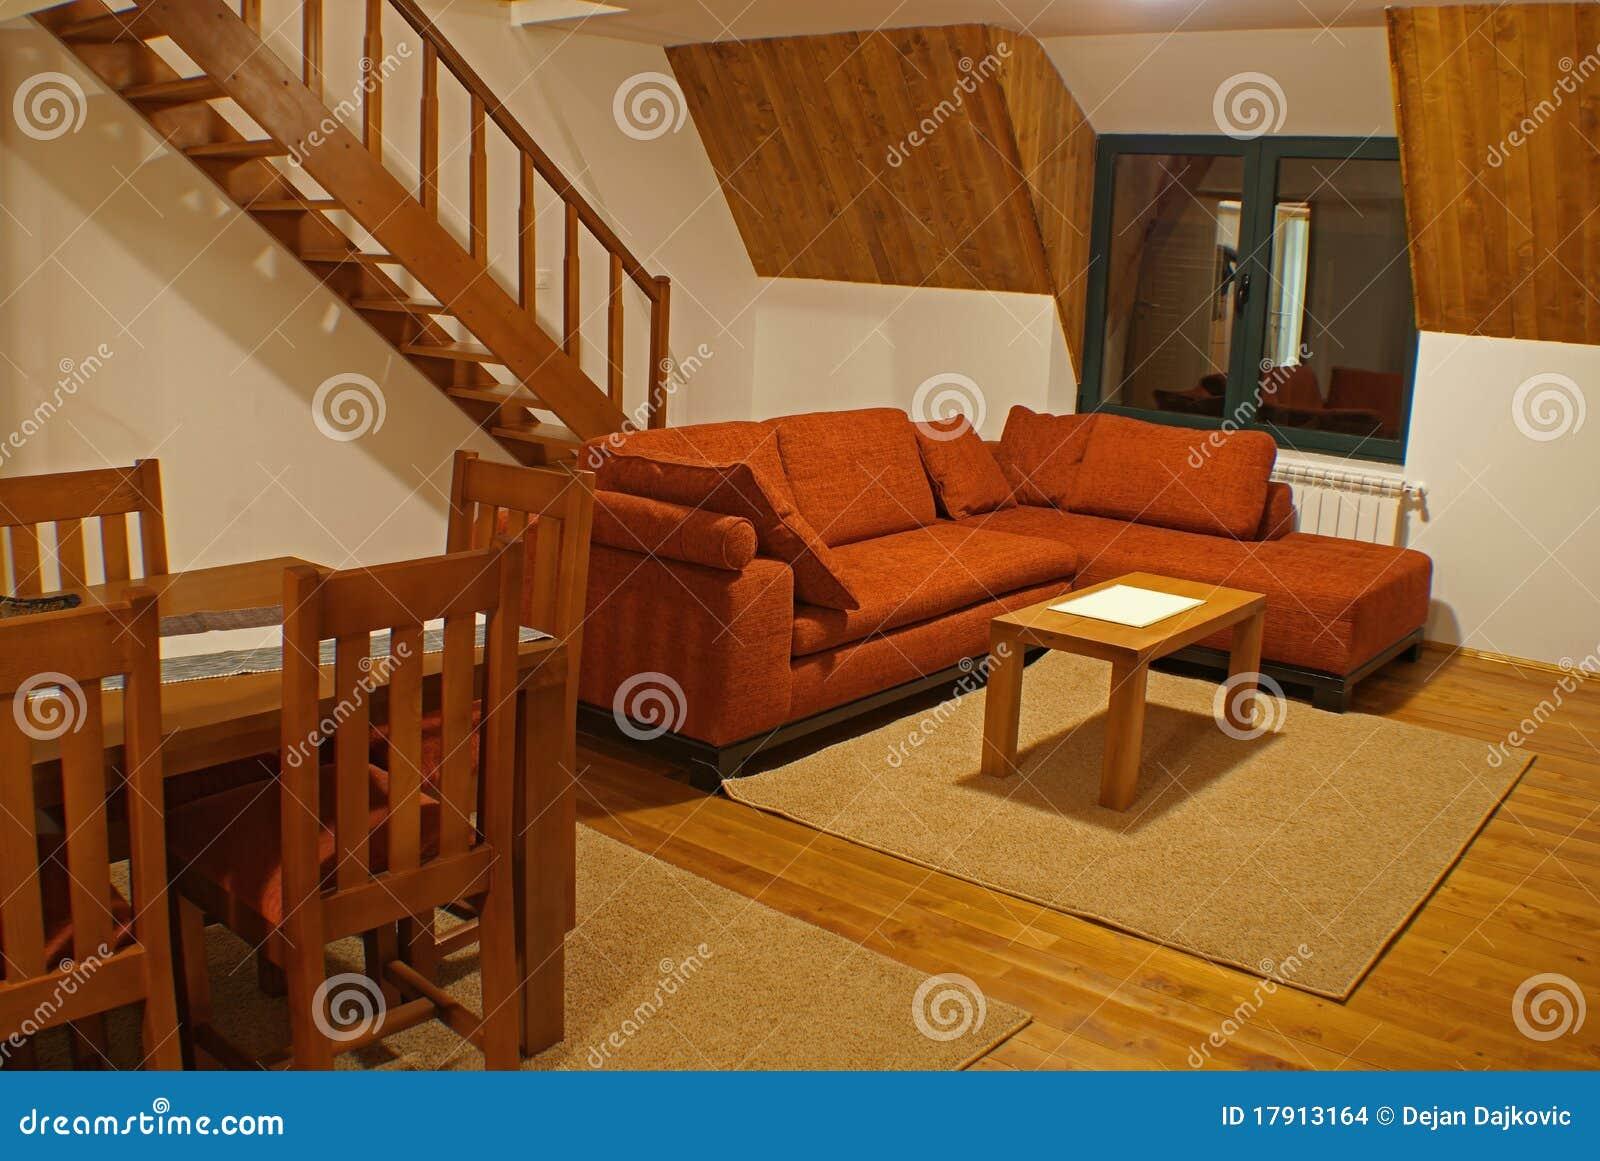 Sala de estar y escaleras imagenes de archivo imagen for Escaleras en salas